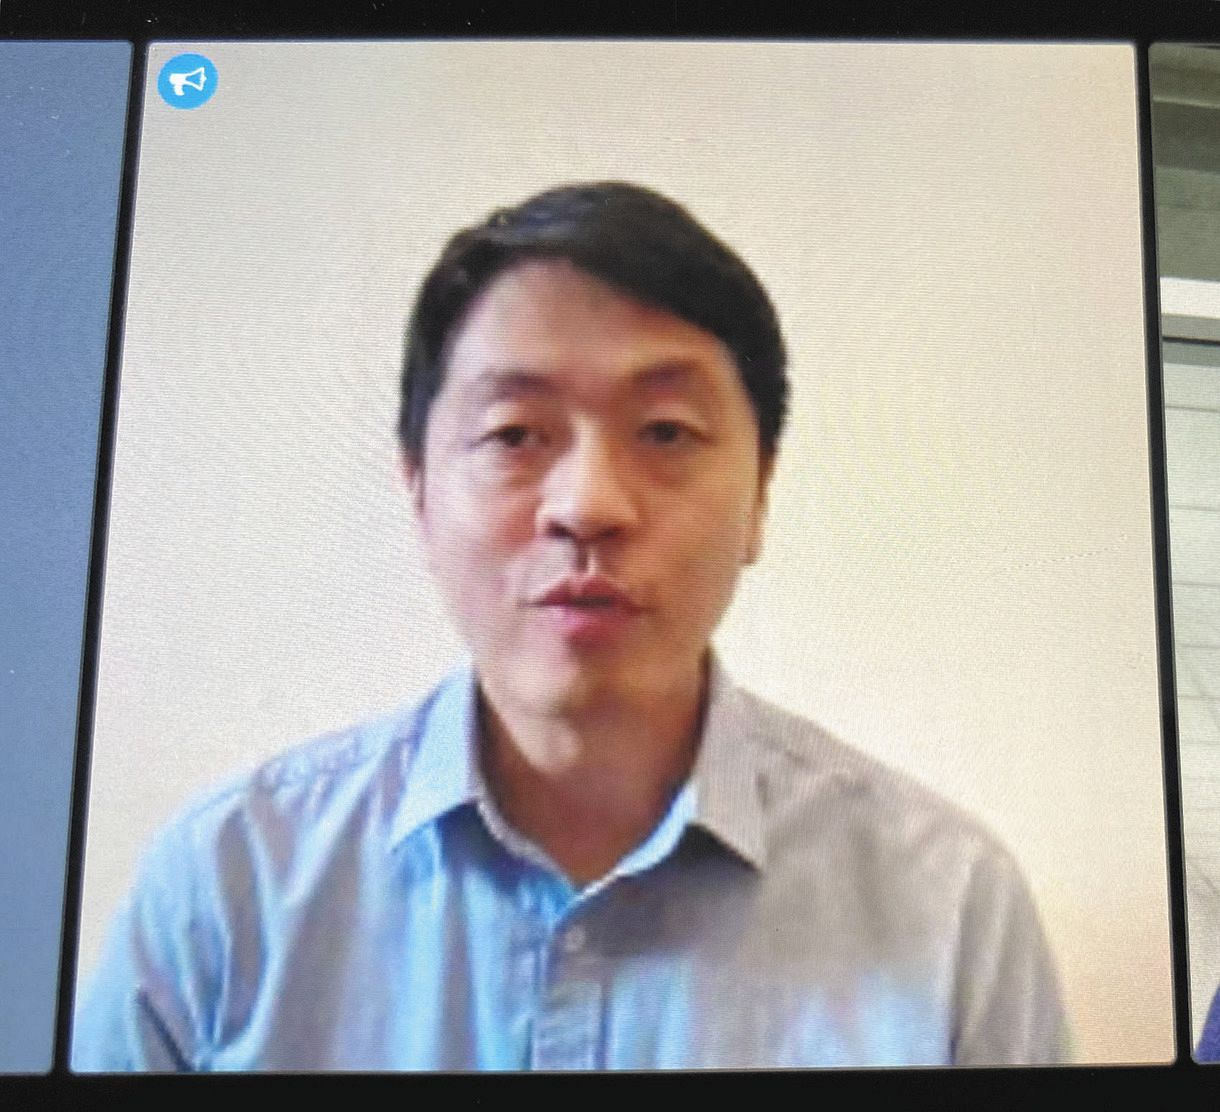 終身刑におびえ、香港市民はネットも自粛」 欧州へ渡った元民主派議員 ...